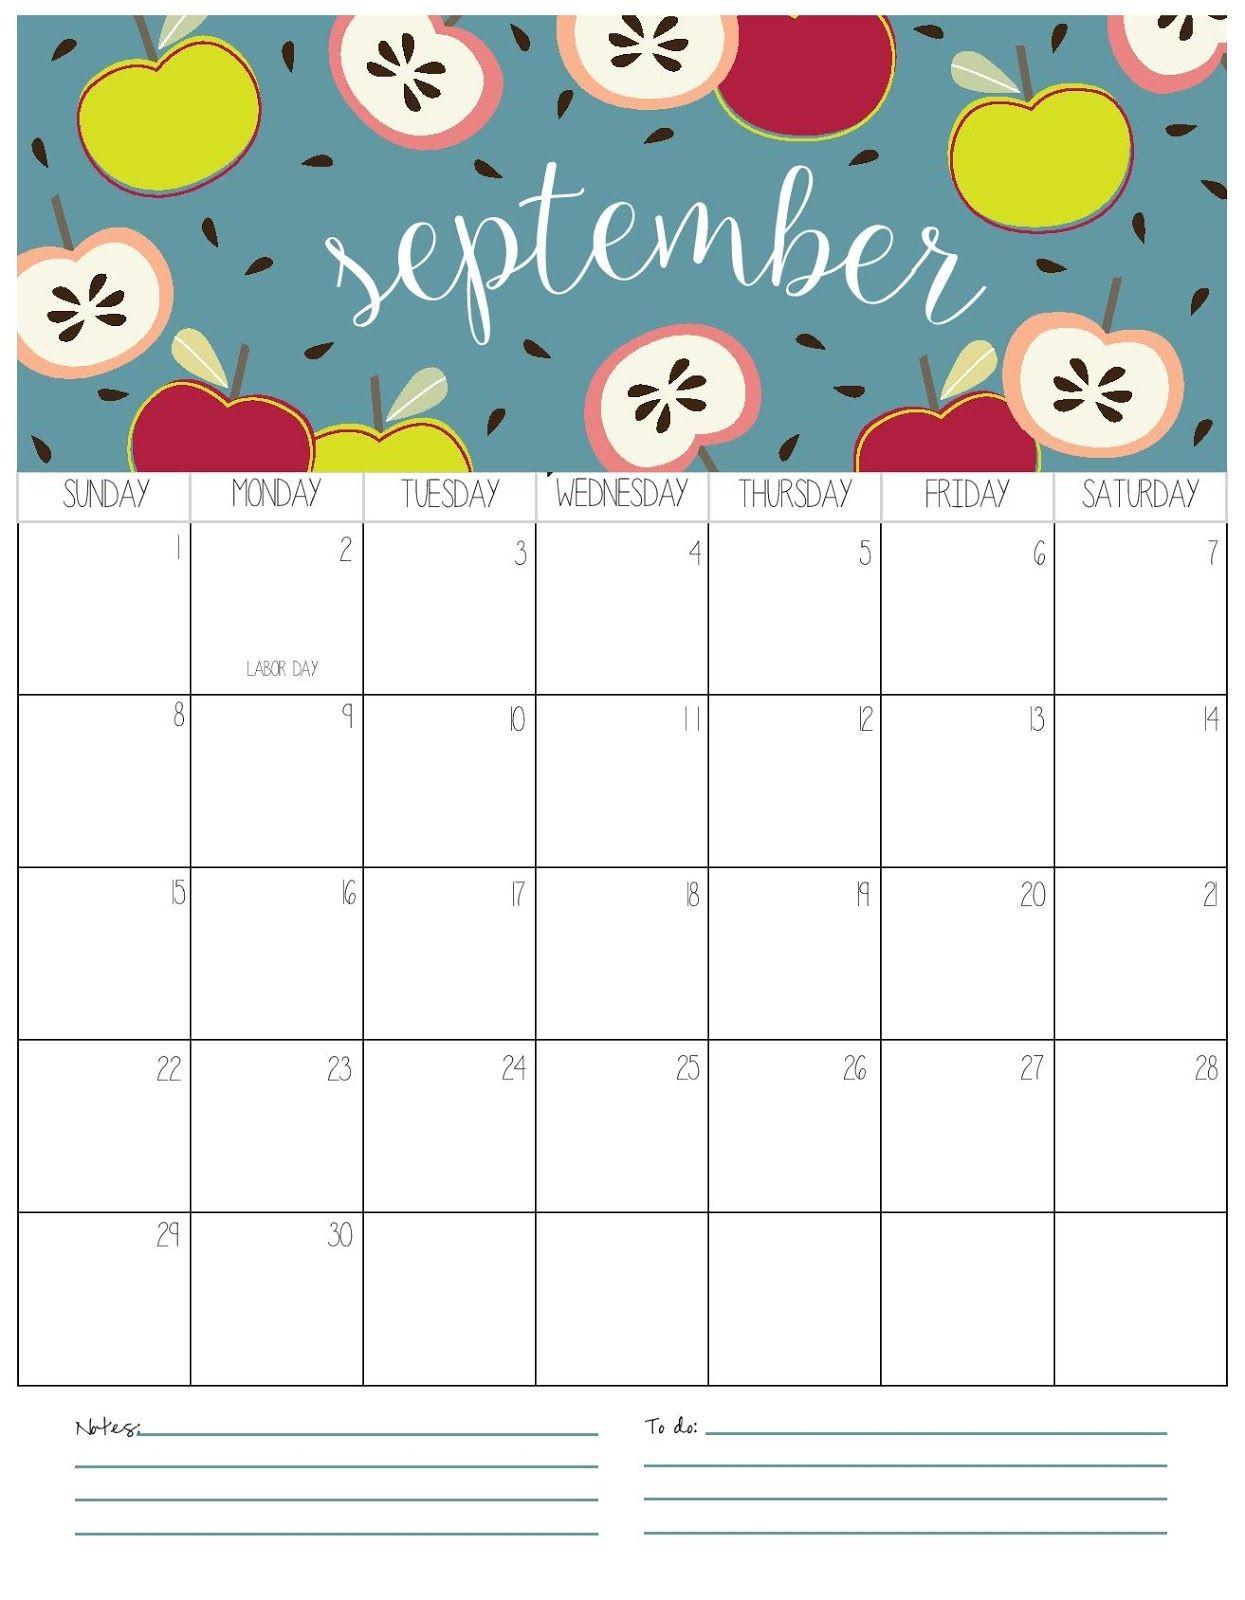 March Calendar Canada Actual Kalender 2019 Zum Ausdrucken Für Kinder Calenders Of March Calendar Canada Más Recientes Flowers March 2019 Desktop Calendar March March2019